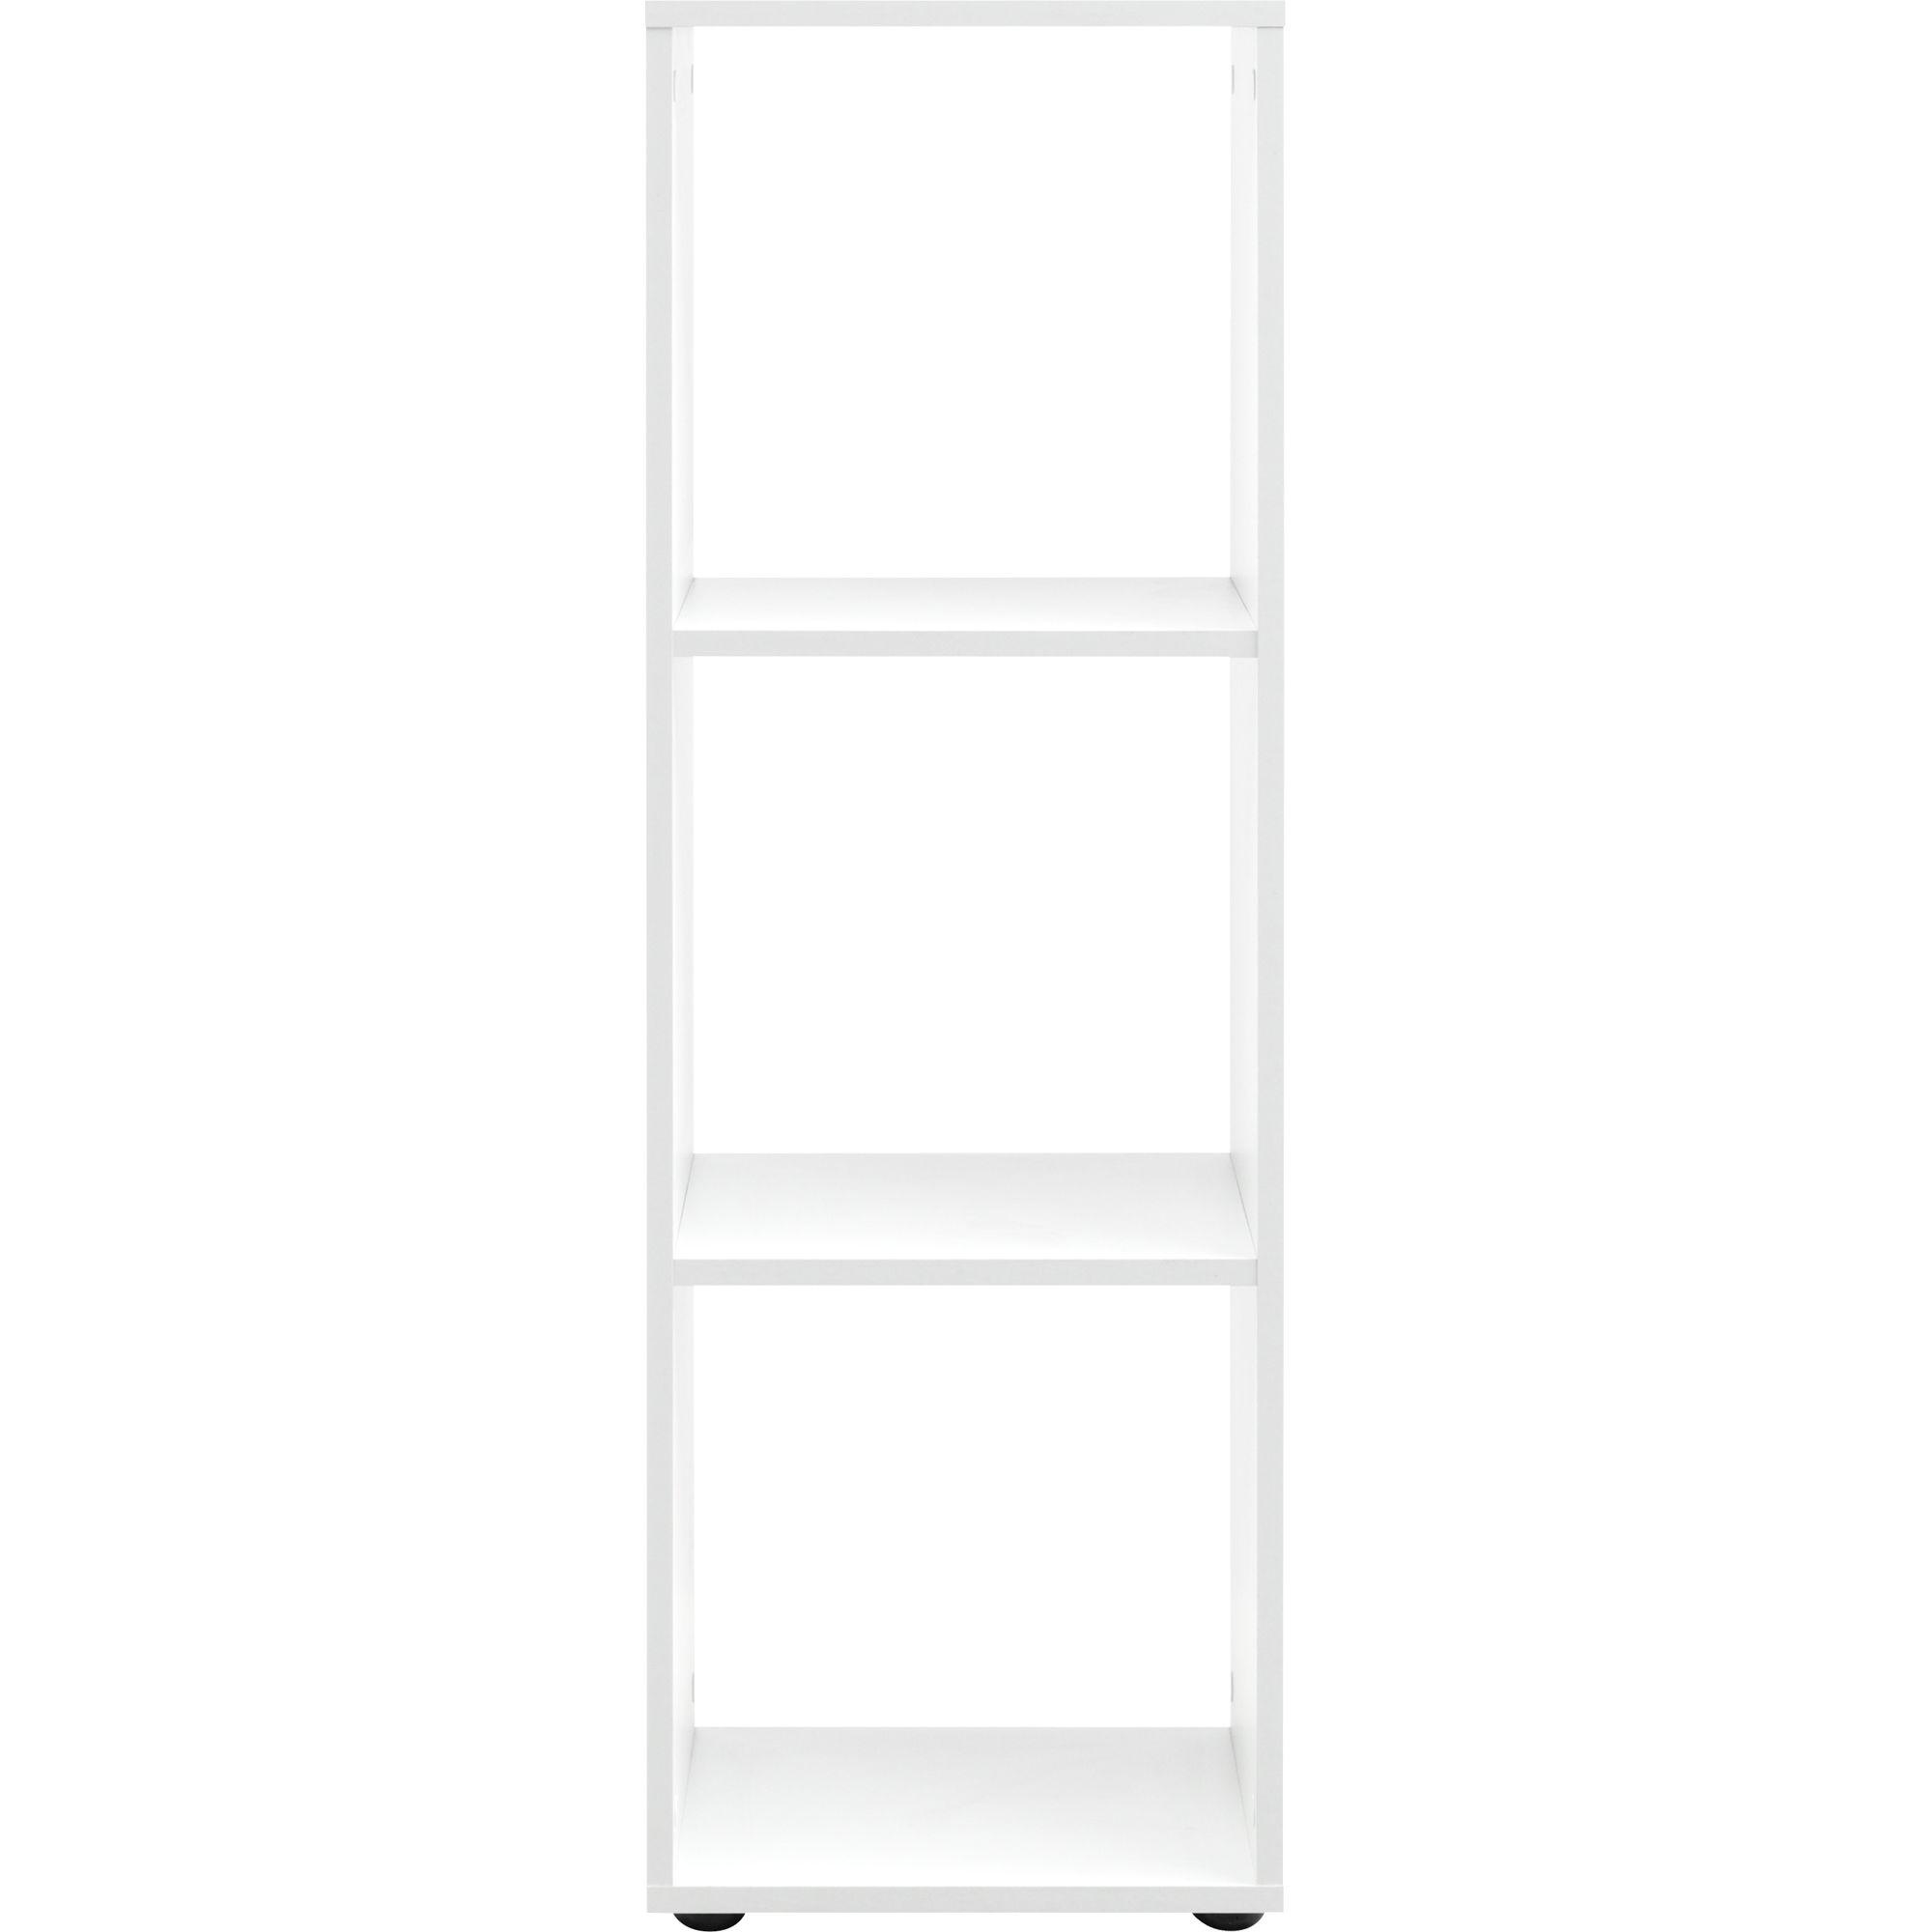 Meuble Escalier Fly Fashion Designs # Meuble Bibliotheque Fly